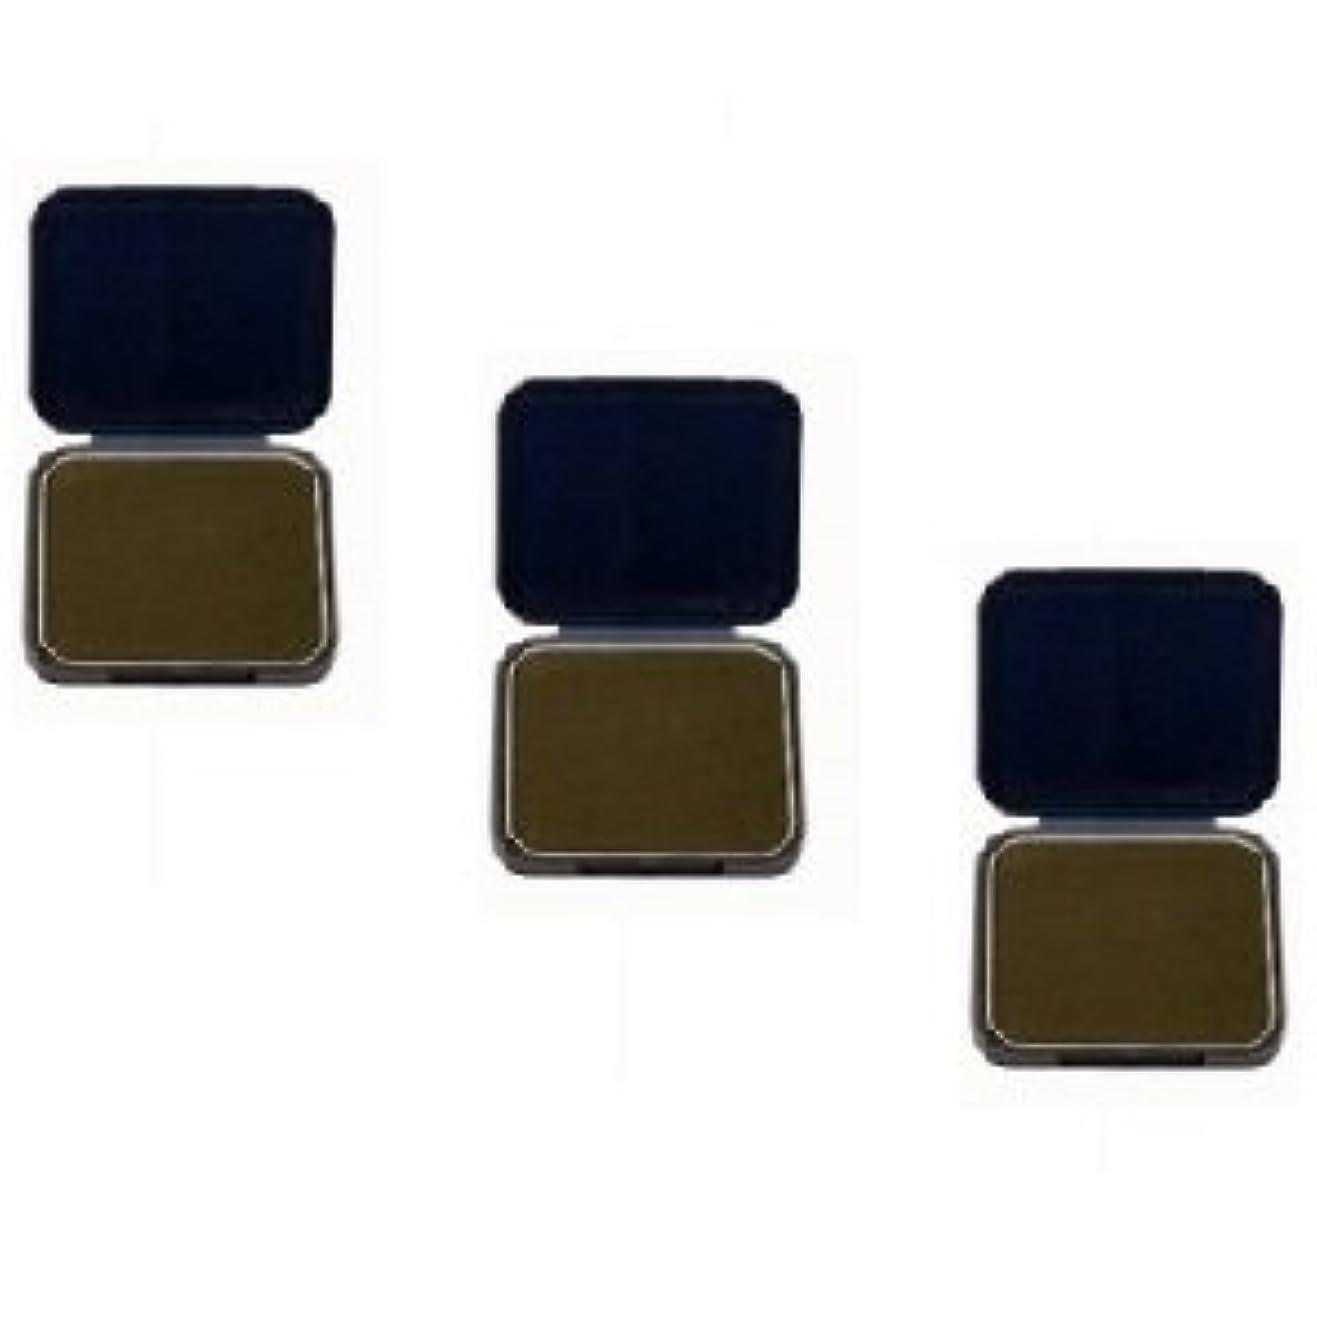 再び歌尊敬【3個セット】 アモロス 黒彩 ヘアファンデーション 13g 栗 詰替え用レフィル